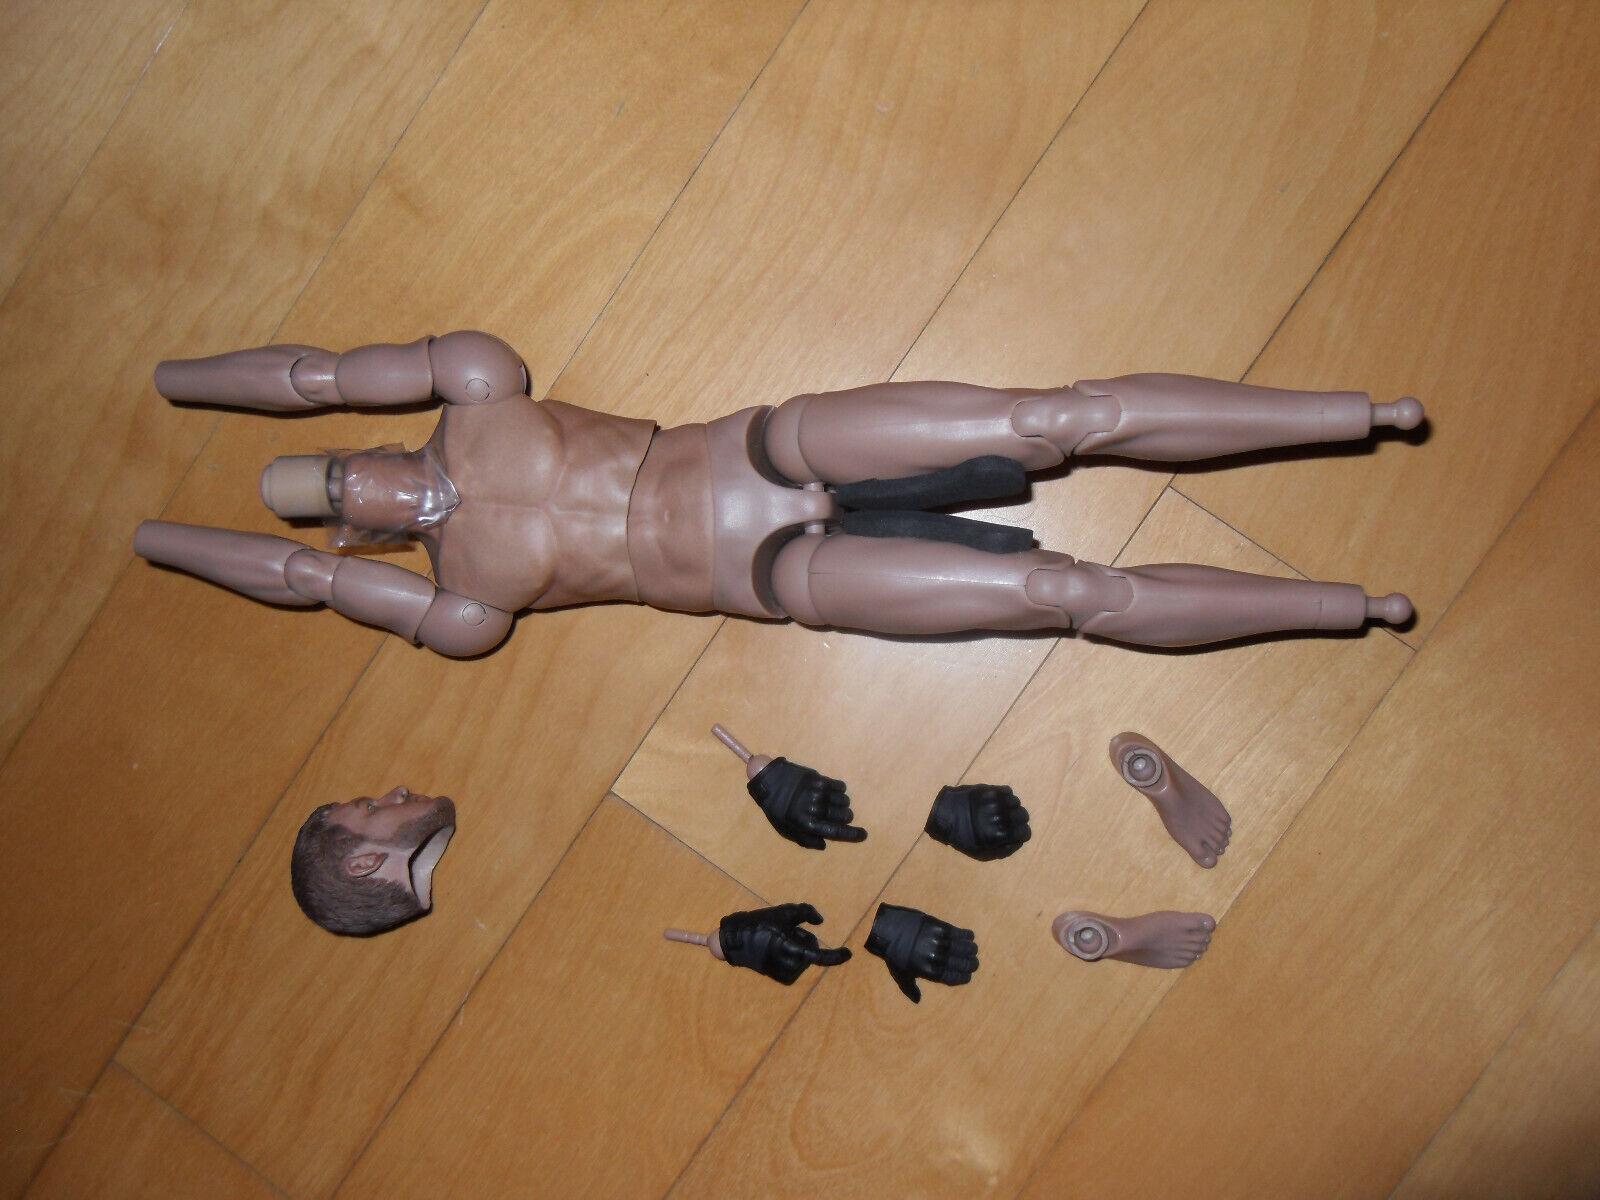 Dam Toys 1 6 escala 78059 8th Aniversario cuerpo desnudo con cabeza, manos y pies